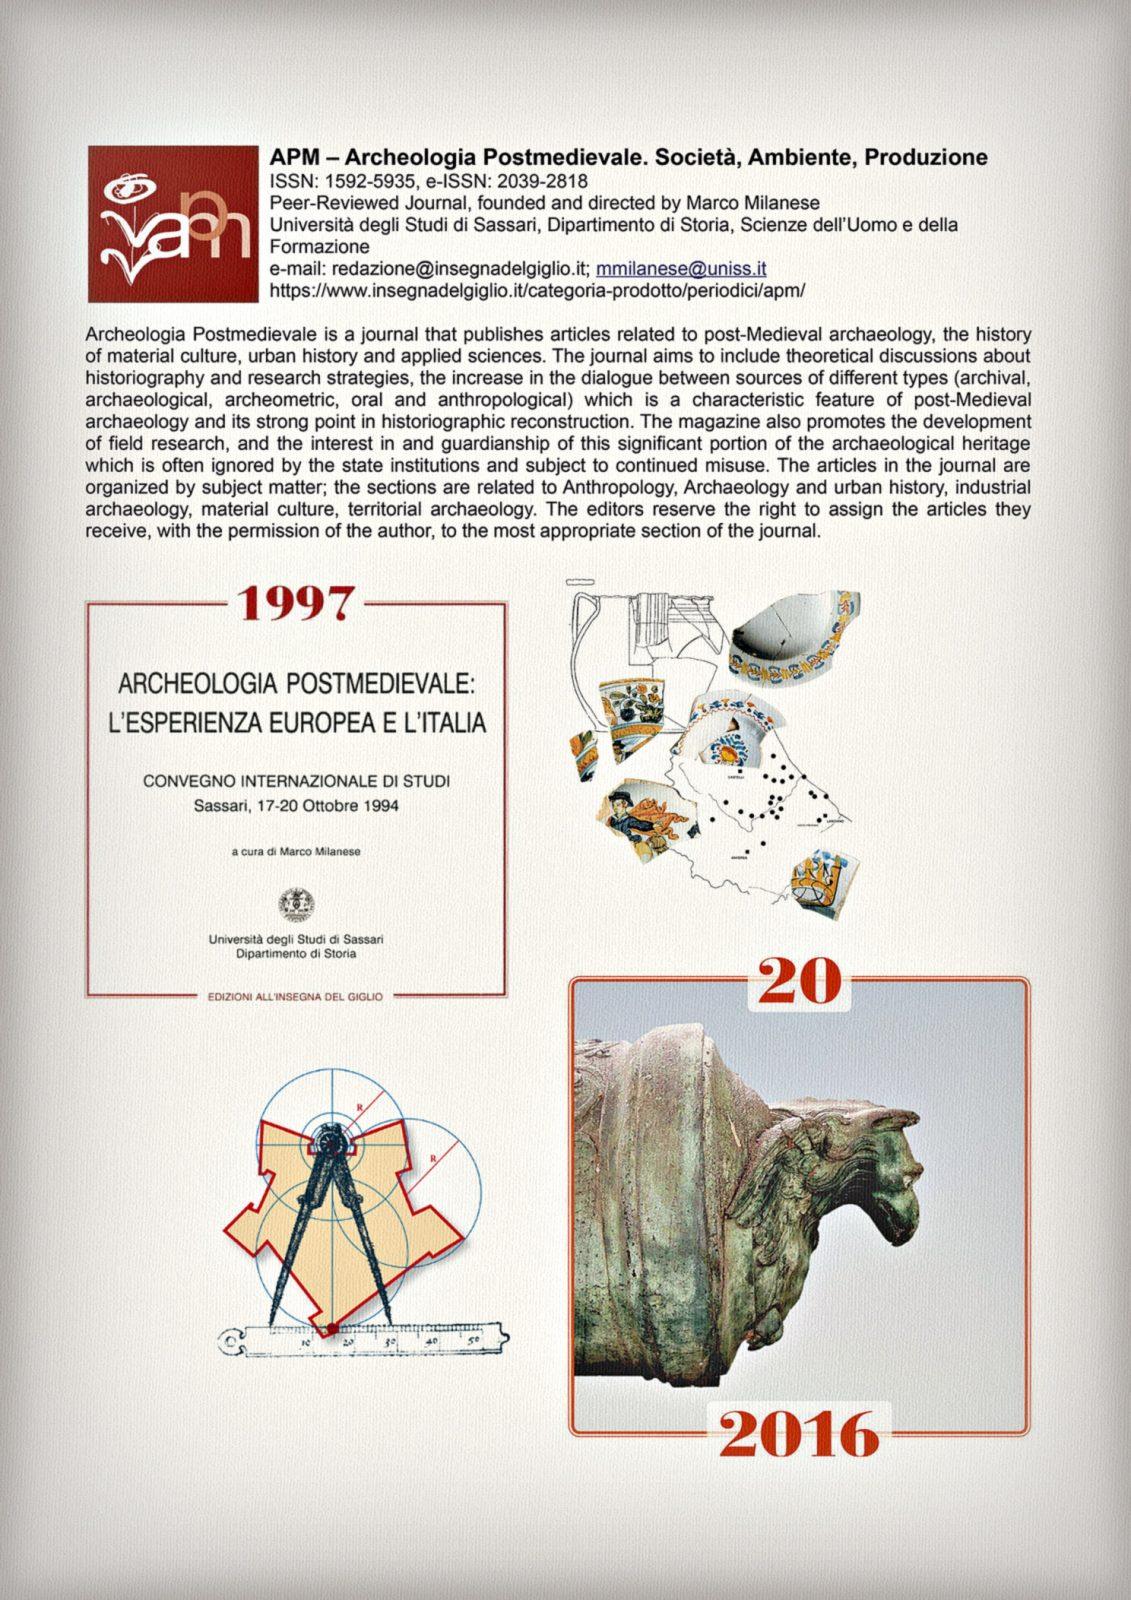 APM, Archeoloiga Postmedievale, 20 anni della rivista.